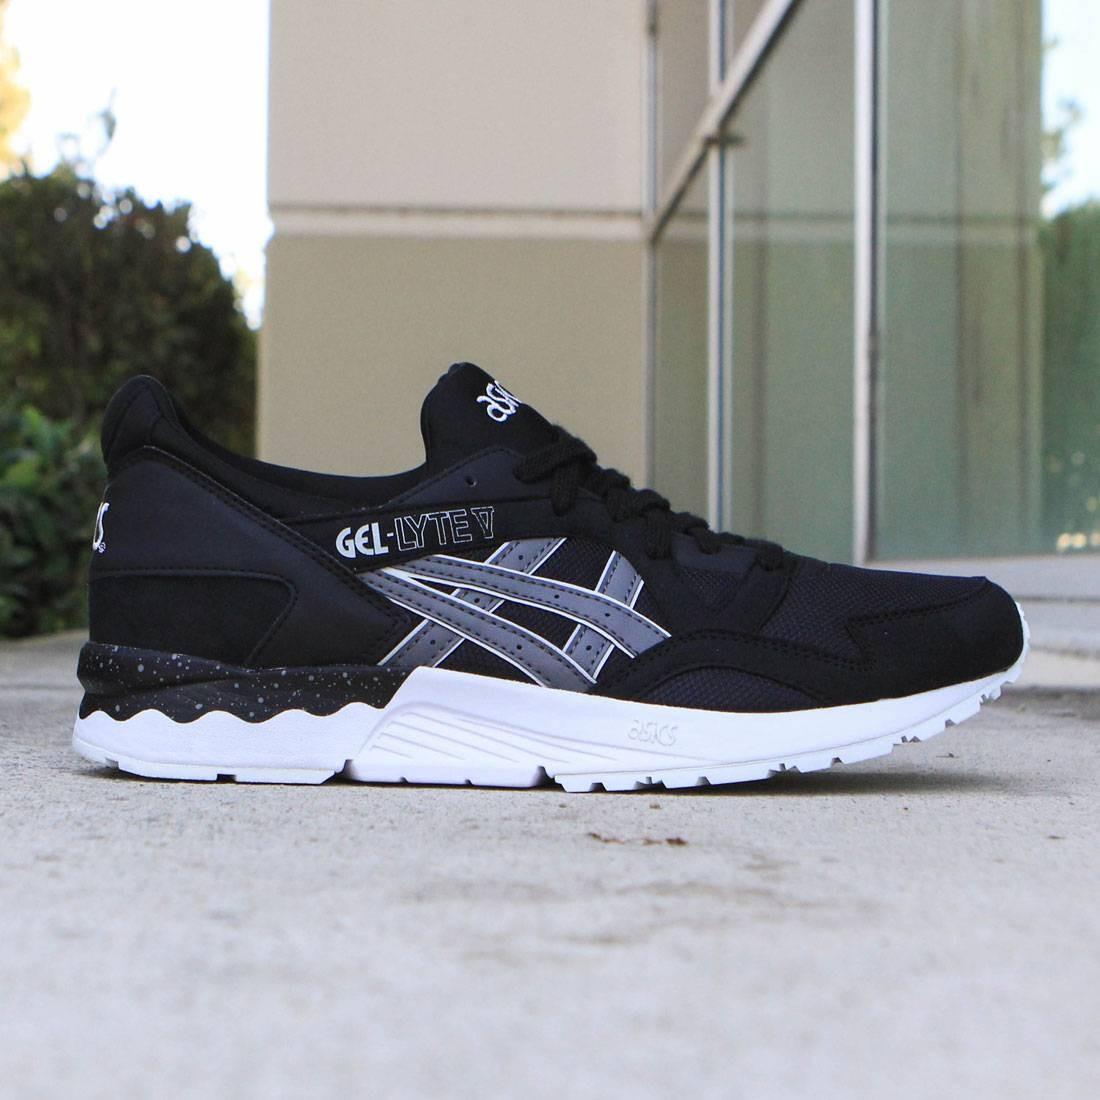 【海外限定】アシックス メンズ靴 スニーカー 【 ASICS TIGER MEN GELLYTE V BLACK GREY 】